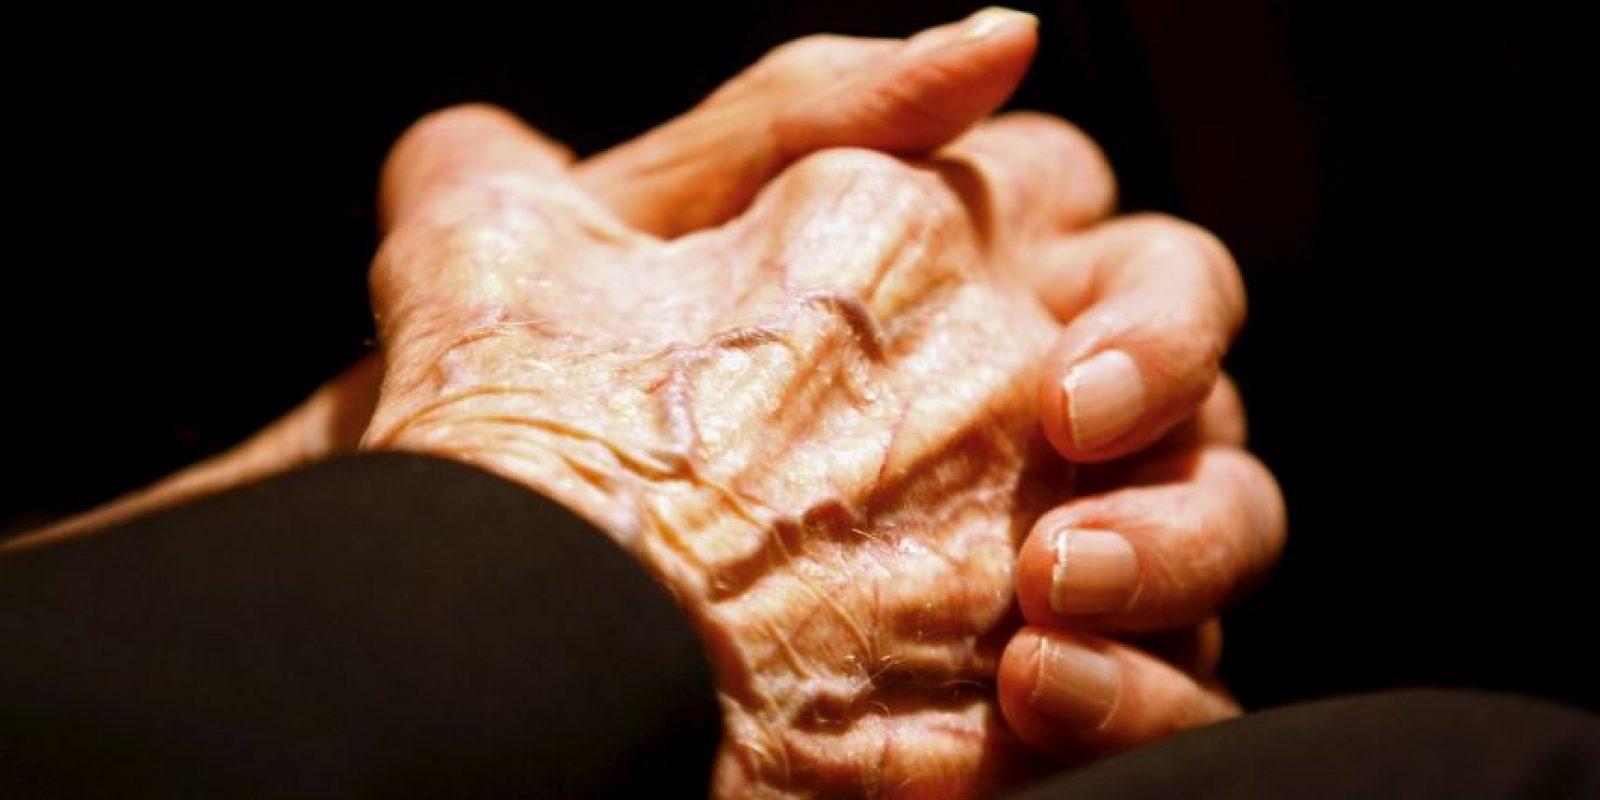 Eso fue lo que dijo Pauline Spagnola, una mujer de 100 años quien vive en Pennsylvania, Foto:Getty Images